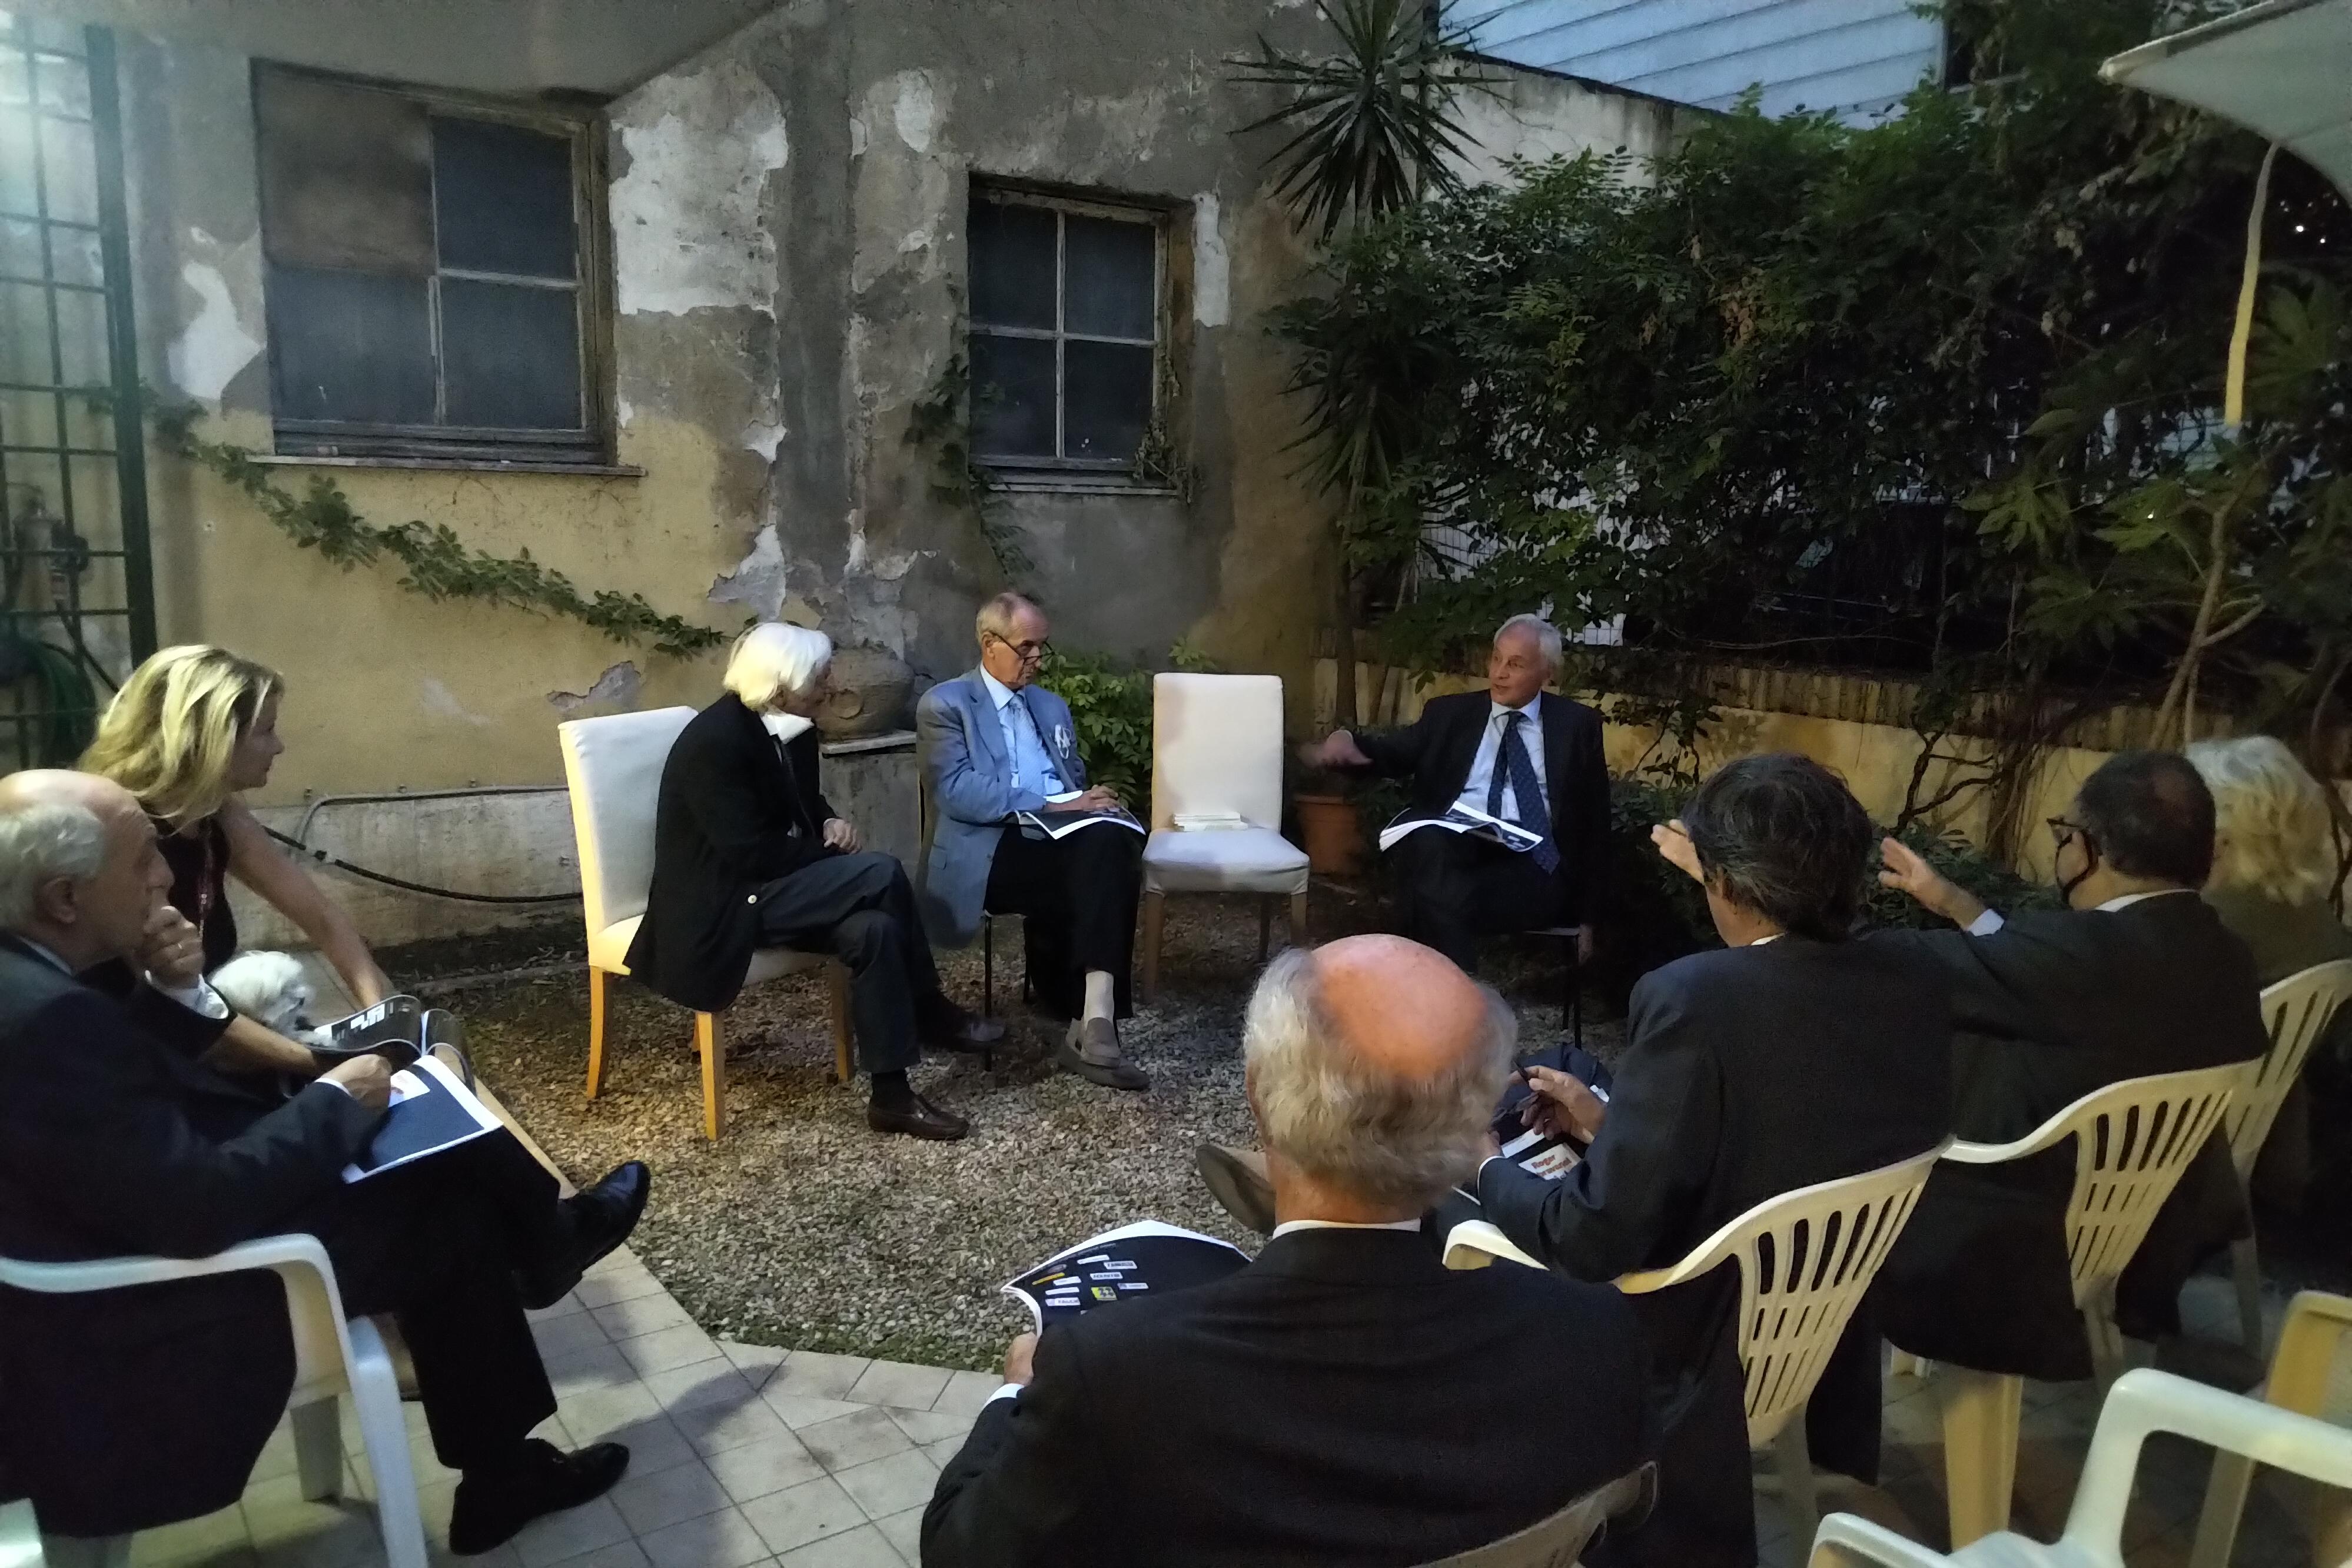 Incontro Letterario – Aristocrazia 2.0 – una nuova élite per salvare l'Italia